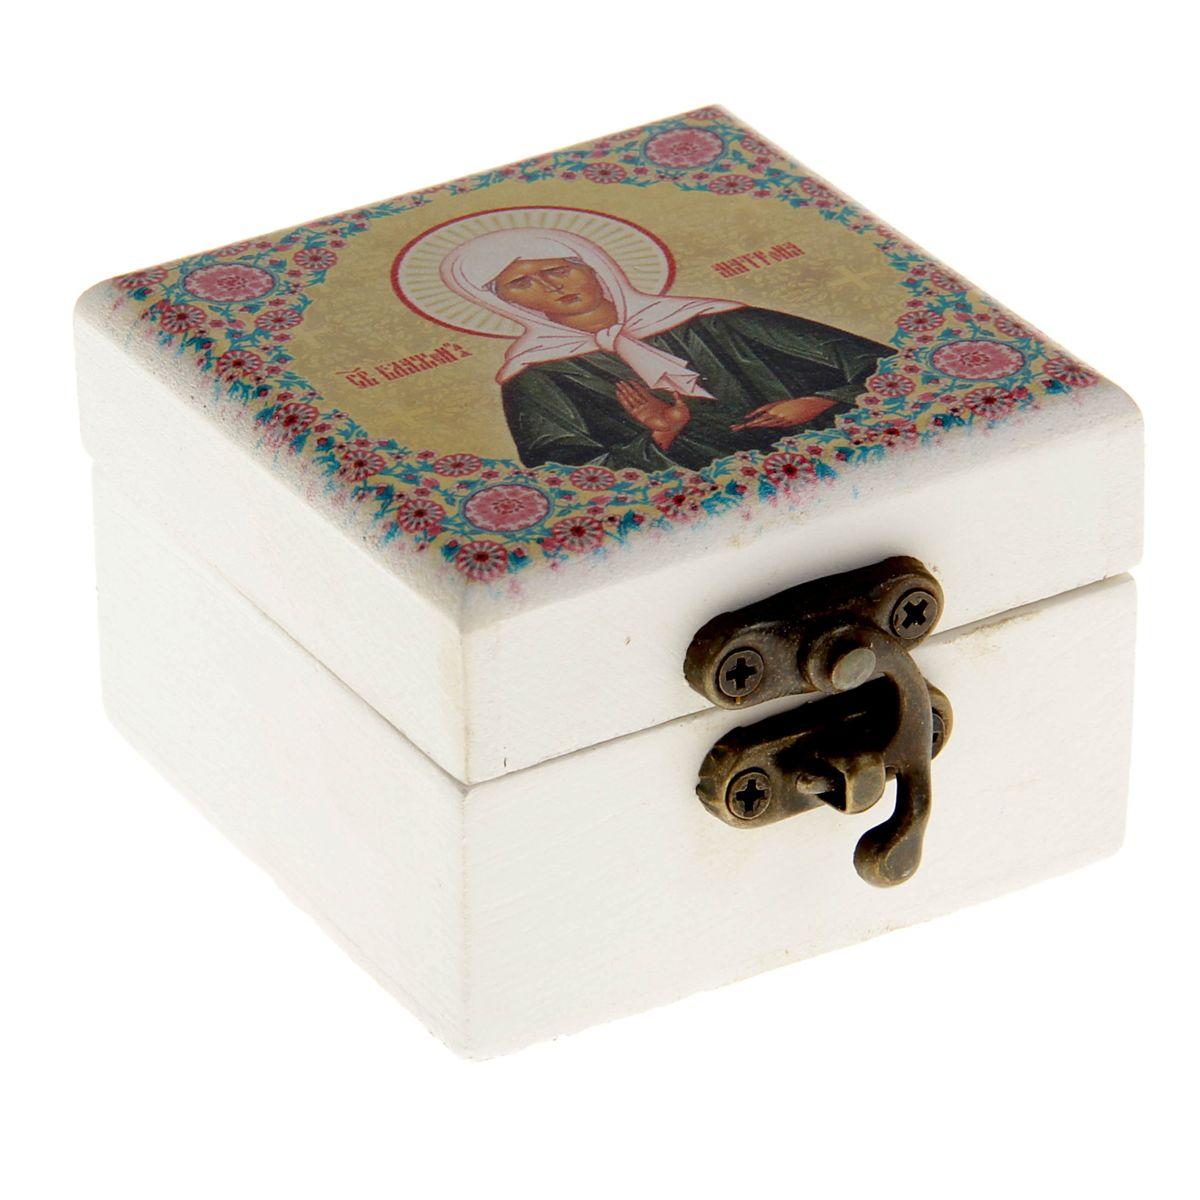 Шкатулка Святая Матрона Московская, 6,5 х 6,5 х 4,5 см838159Шкатулка Святая Матрона Московская, с зеркалом внутри, выполнена из благородного дерева, закрывается металлическим замочком. На крышку нанесено яркое полноцветное изображение Святой Матроны Московской, которое выглядит очень красиво. Святая мати Матрона не имела зрения телесного, но обладала зрением духовным, была избранной Господом и наделенная многими благими дарами. Всю жизнь она служила людям, помогала, исцеляла, утверждала на путь истинный. Была неисчерпаемым источником утешения для многих страждущих. Перед своей кончиной она сказала: «Все, все приходите ко мне рассказывайте, как живой, о своих скорбях, я буду вас видеть, и слышать, и помогать вам». Такая шкатулка будет достойным вместилищем для милых сердцу мелочей, каких-то святынь, которые есть у каждого. Станет прекрасным подарком с духовной составляющей для любого не только верующего человека.